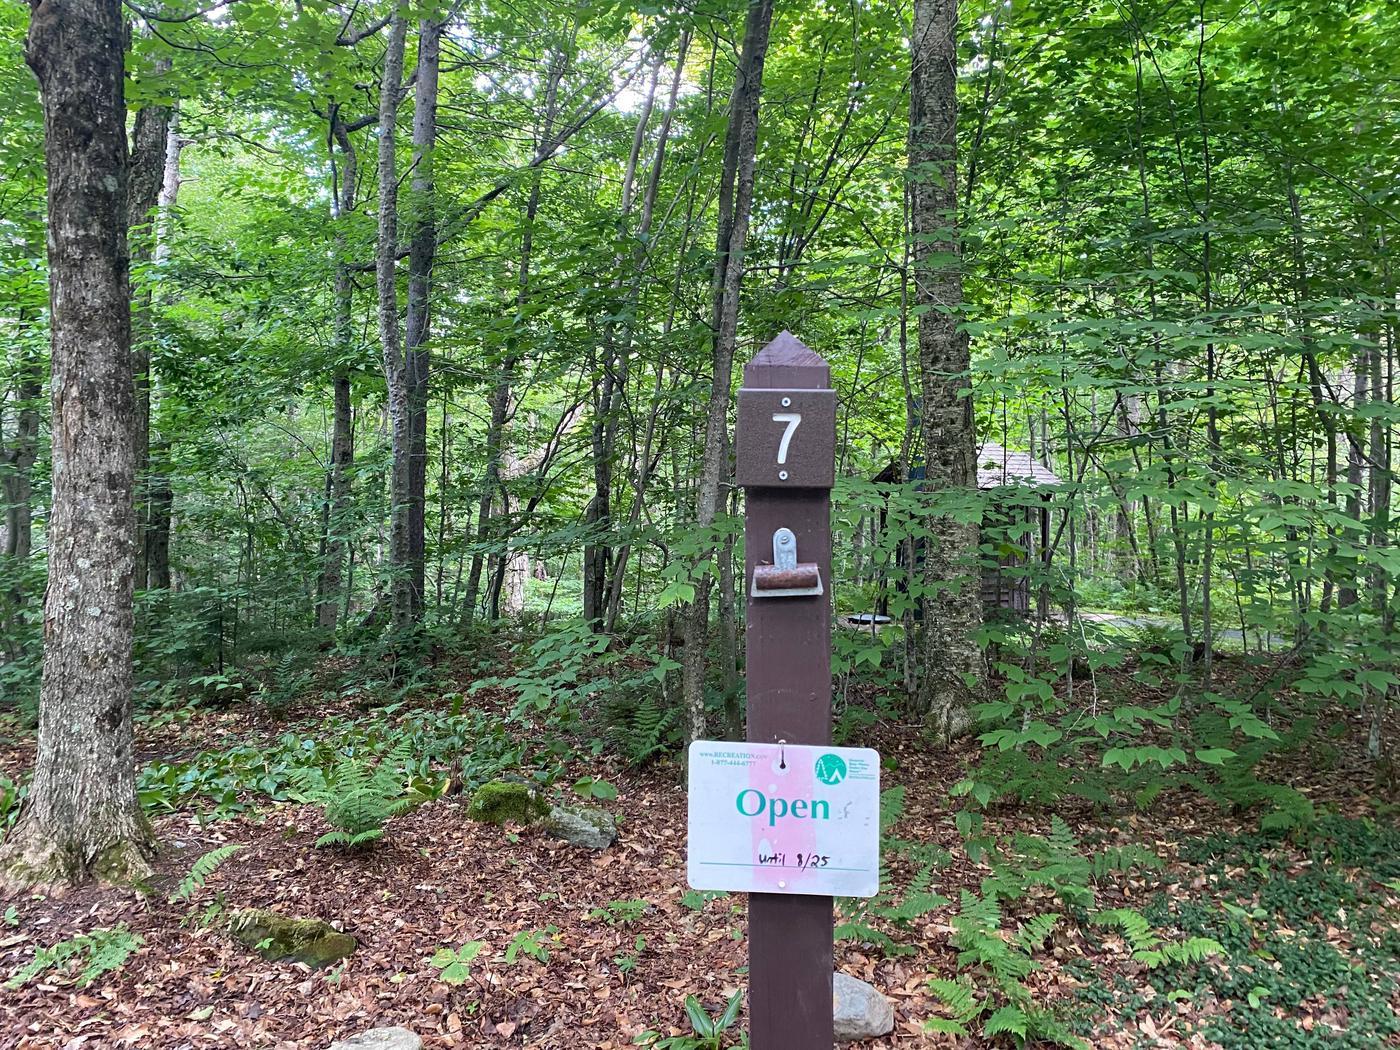 Campsite 7 signSite 7